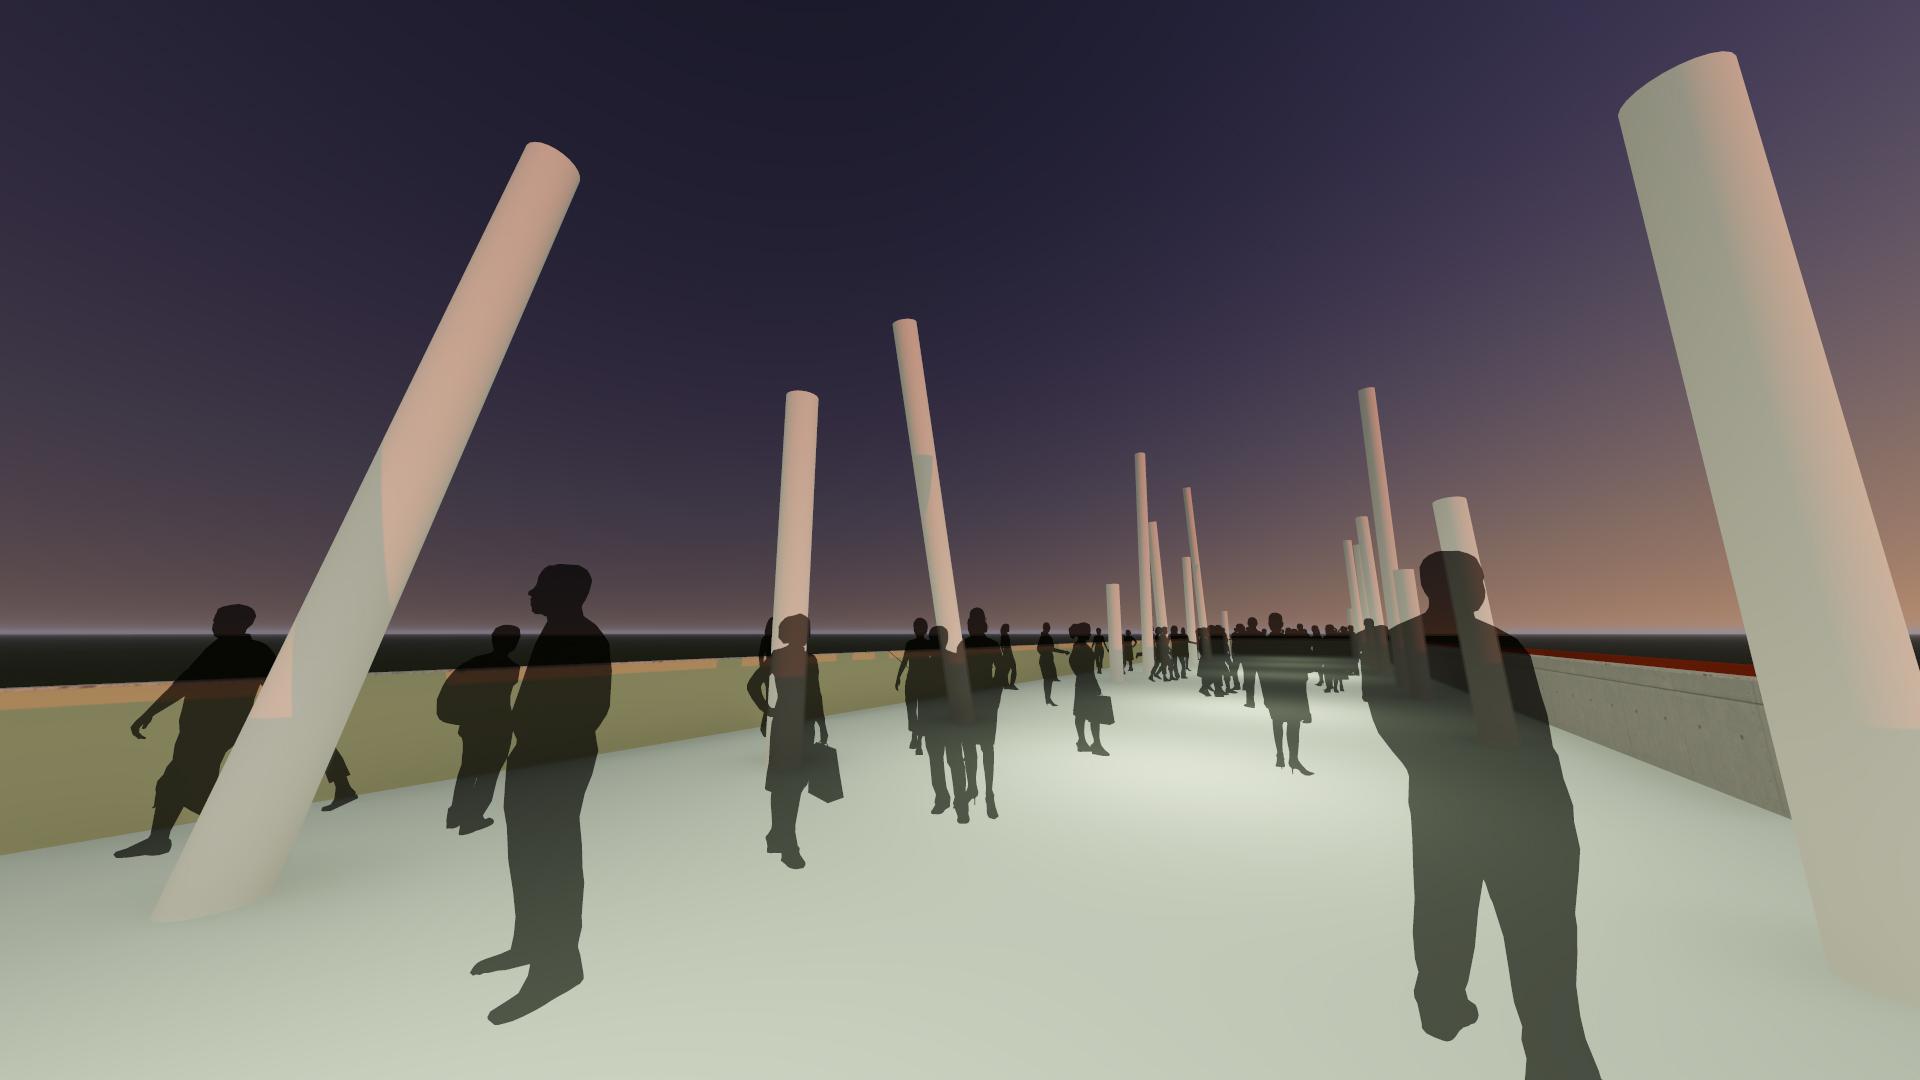 projeto-arquitetonico-museumacaiba-duo-arquitetura-06.jpg